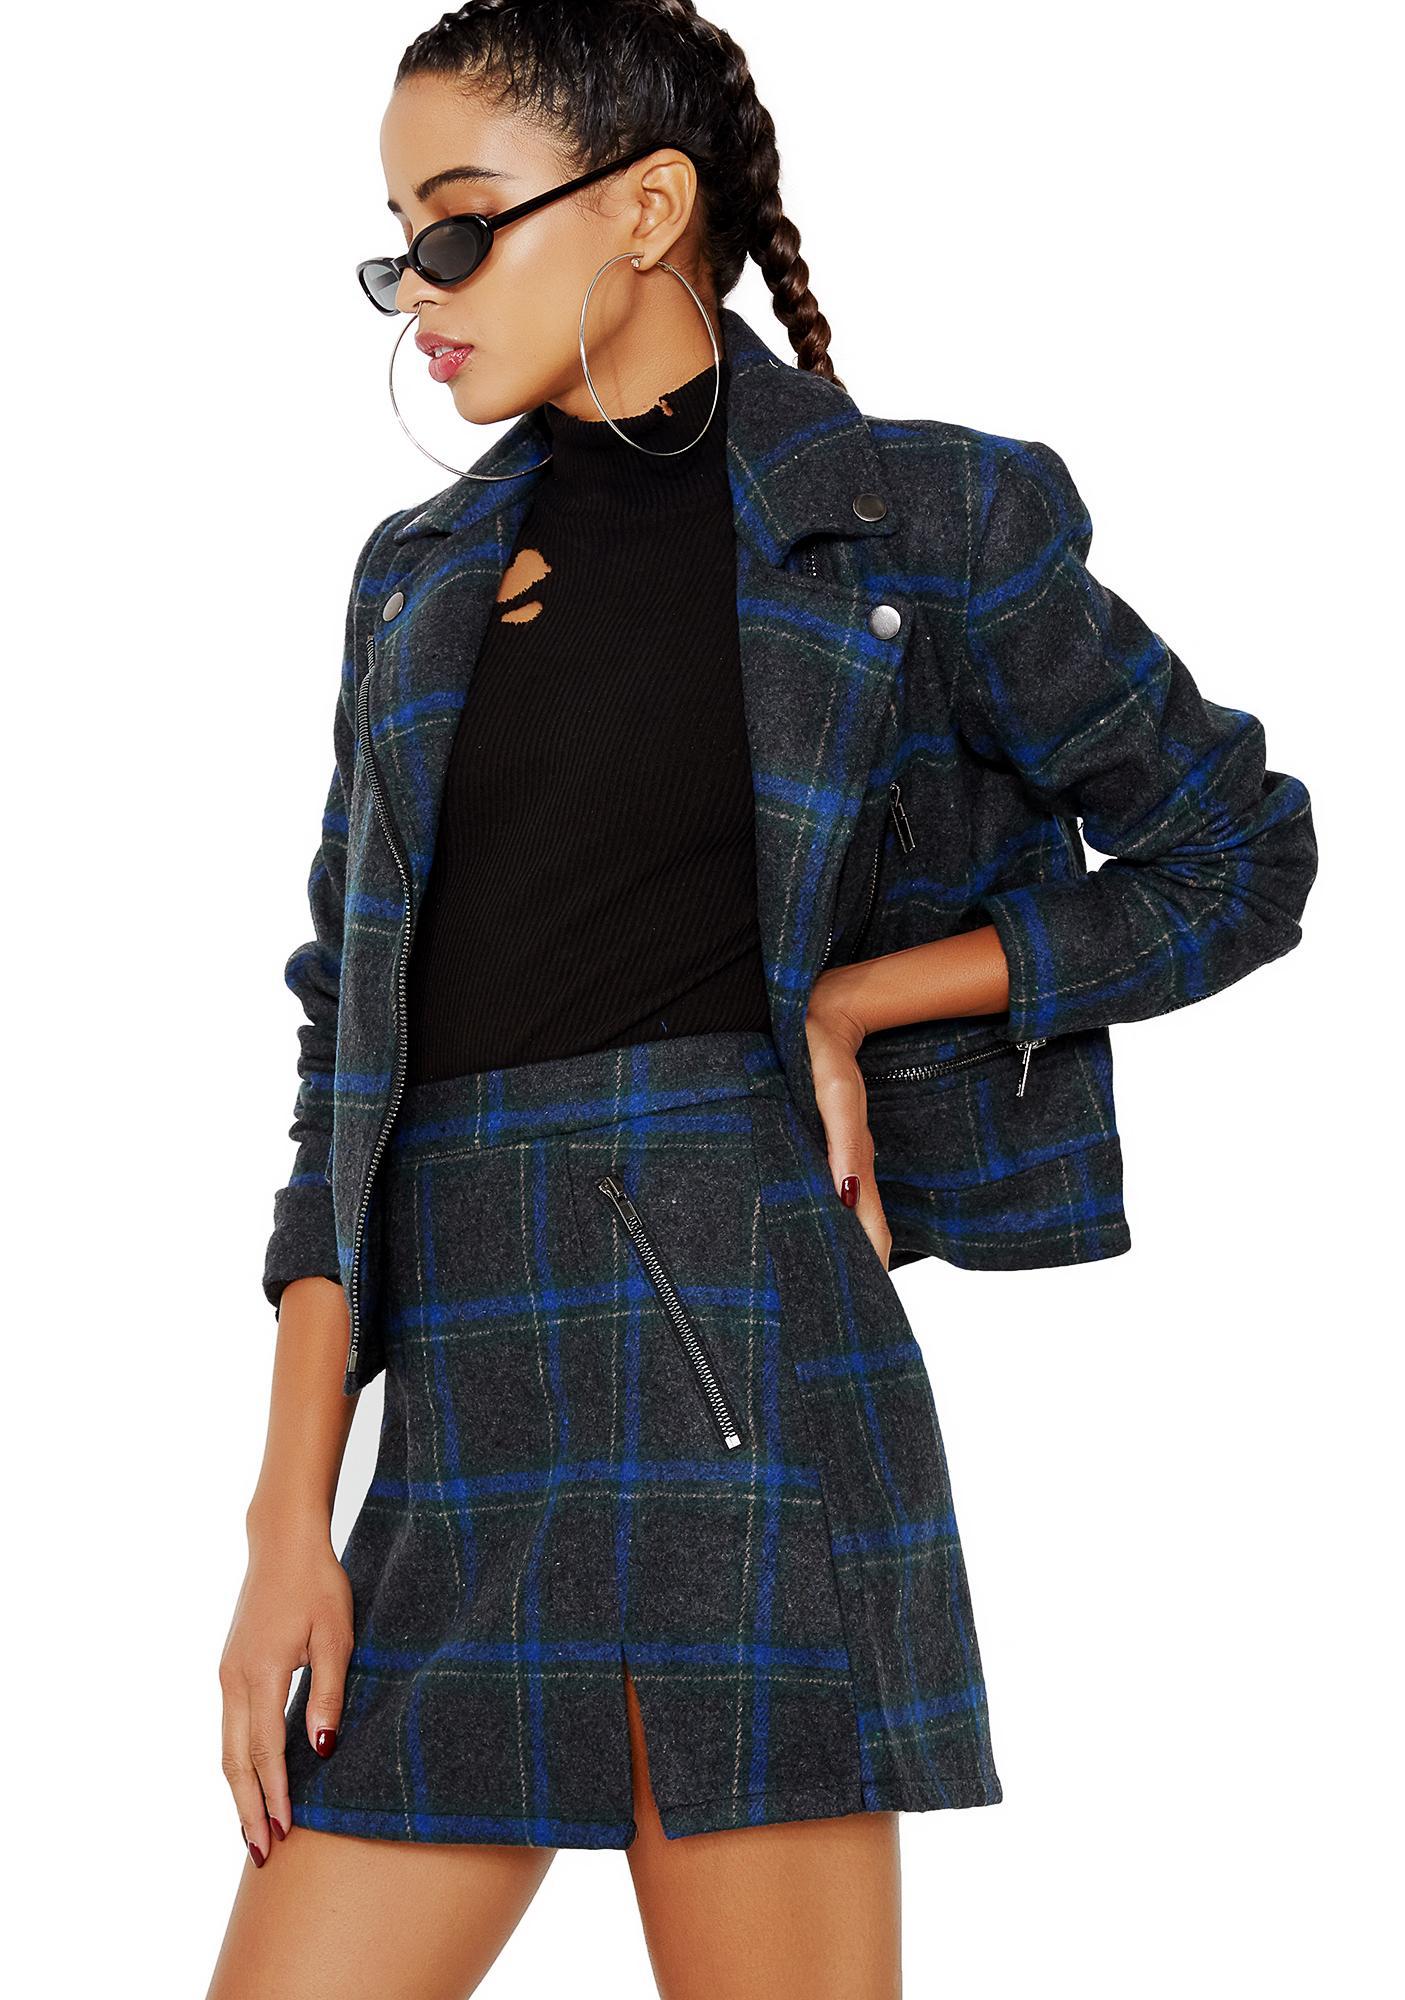 Valley Gurl Mini Skirt